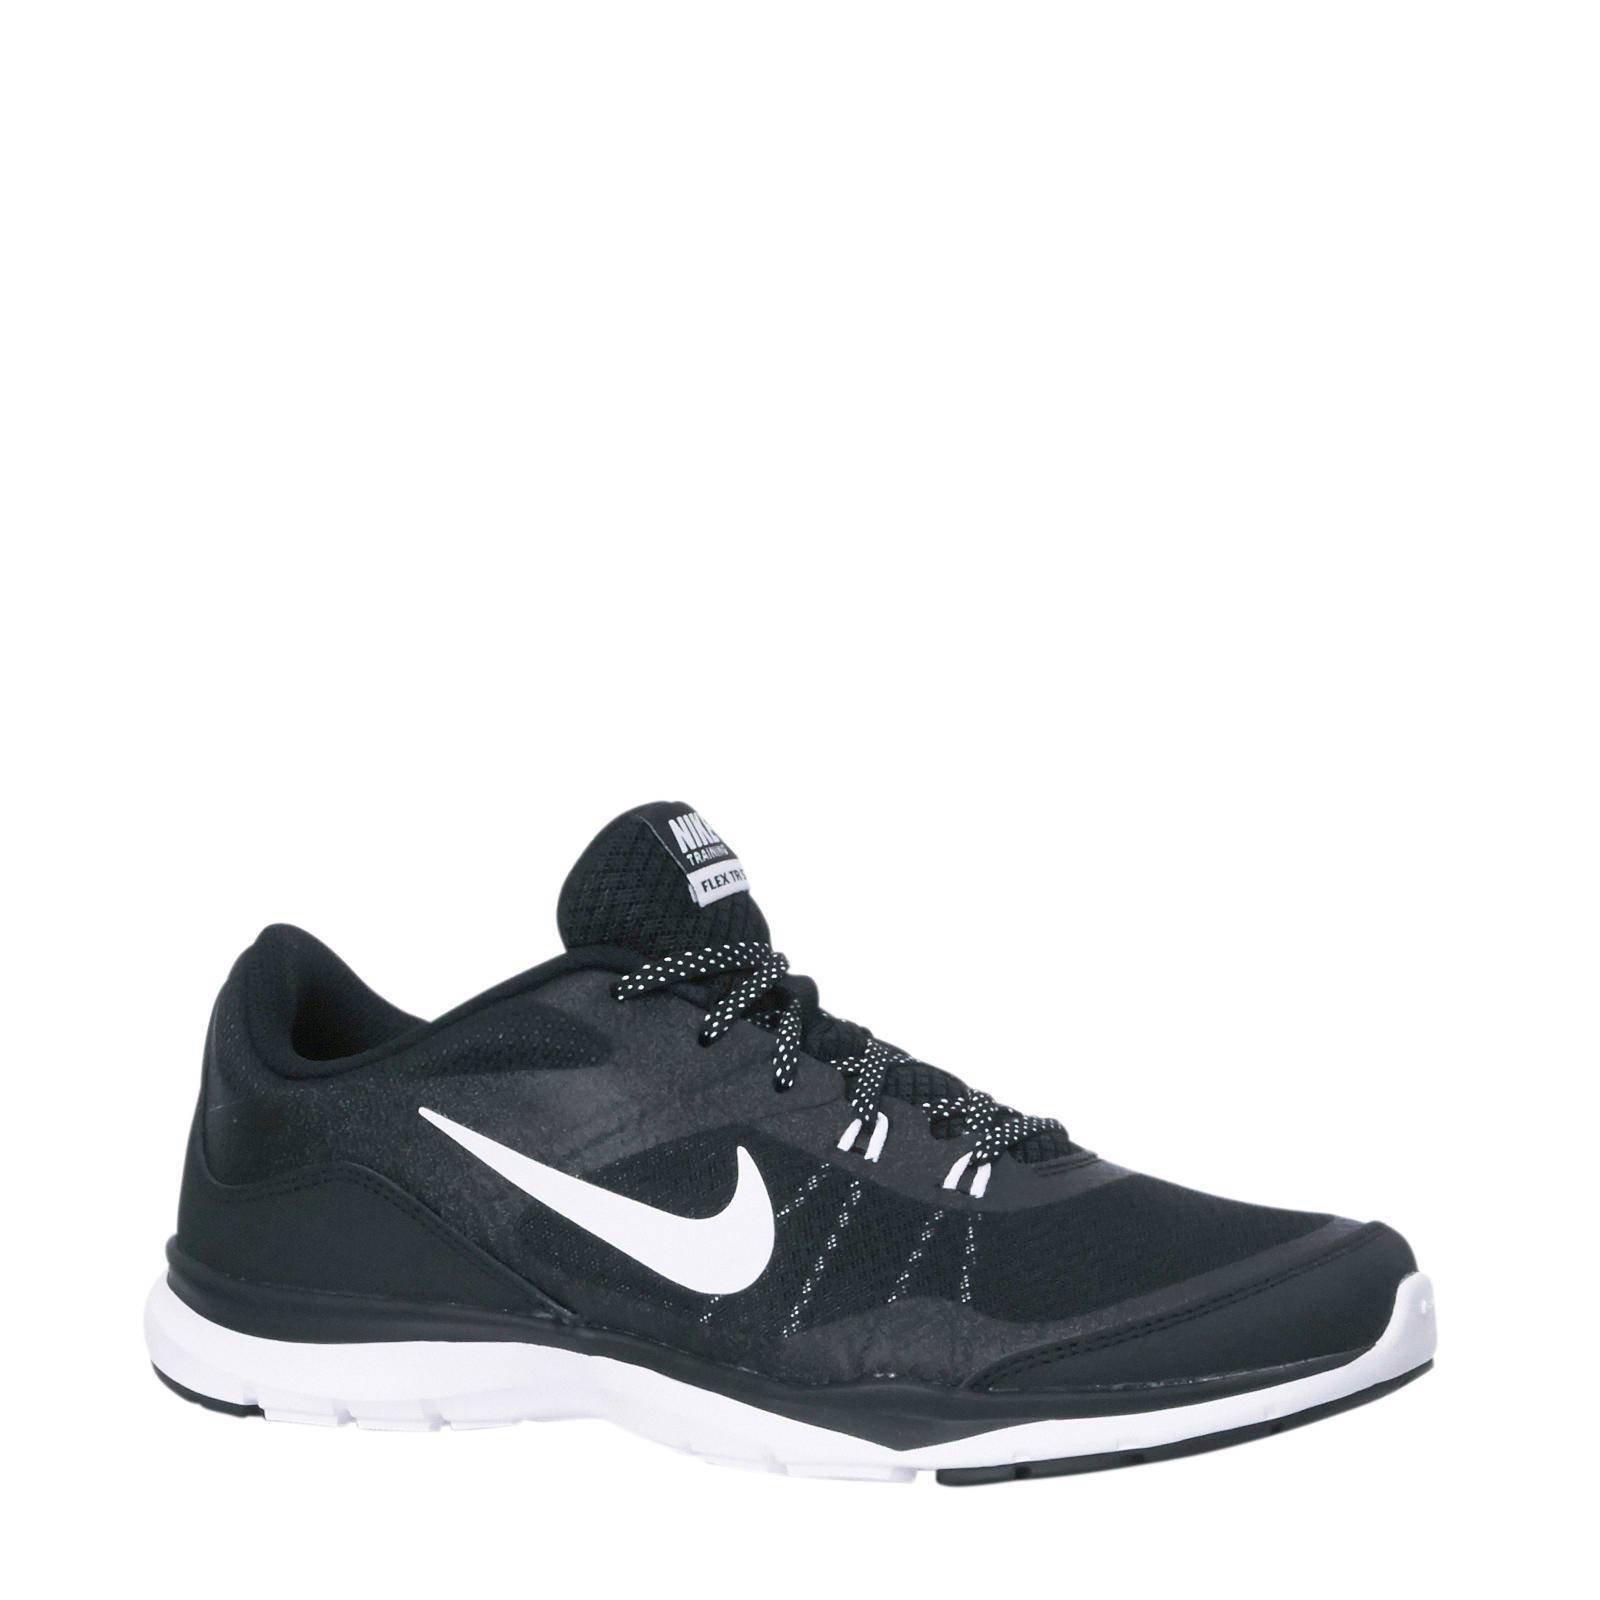 Nike fitness schoenen Flex Trainer 5 | wehkamp